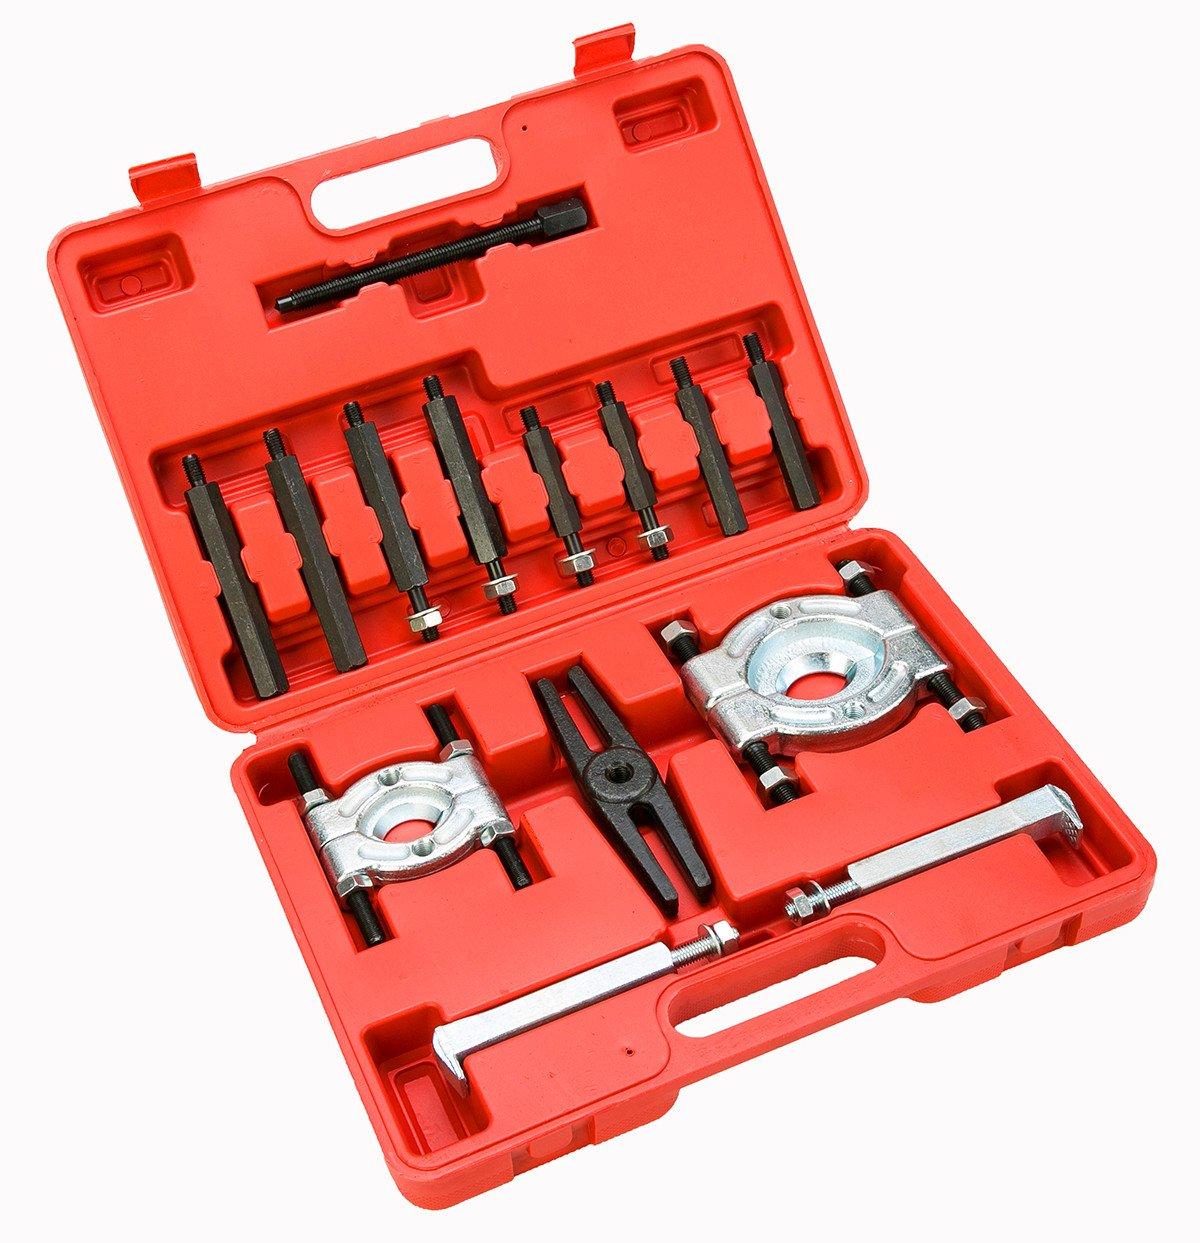 FreeTec Estrattore cuscinetti separatori Set di attrezzi estrattore cuscinetti Kit,14 pezzi